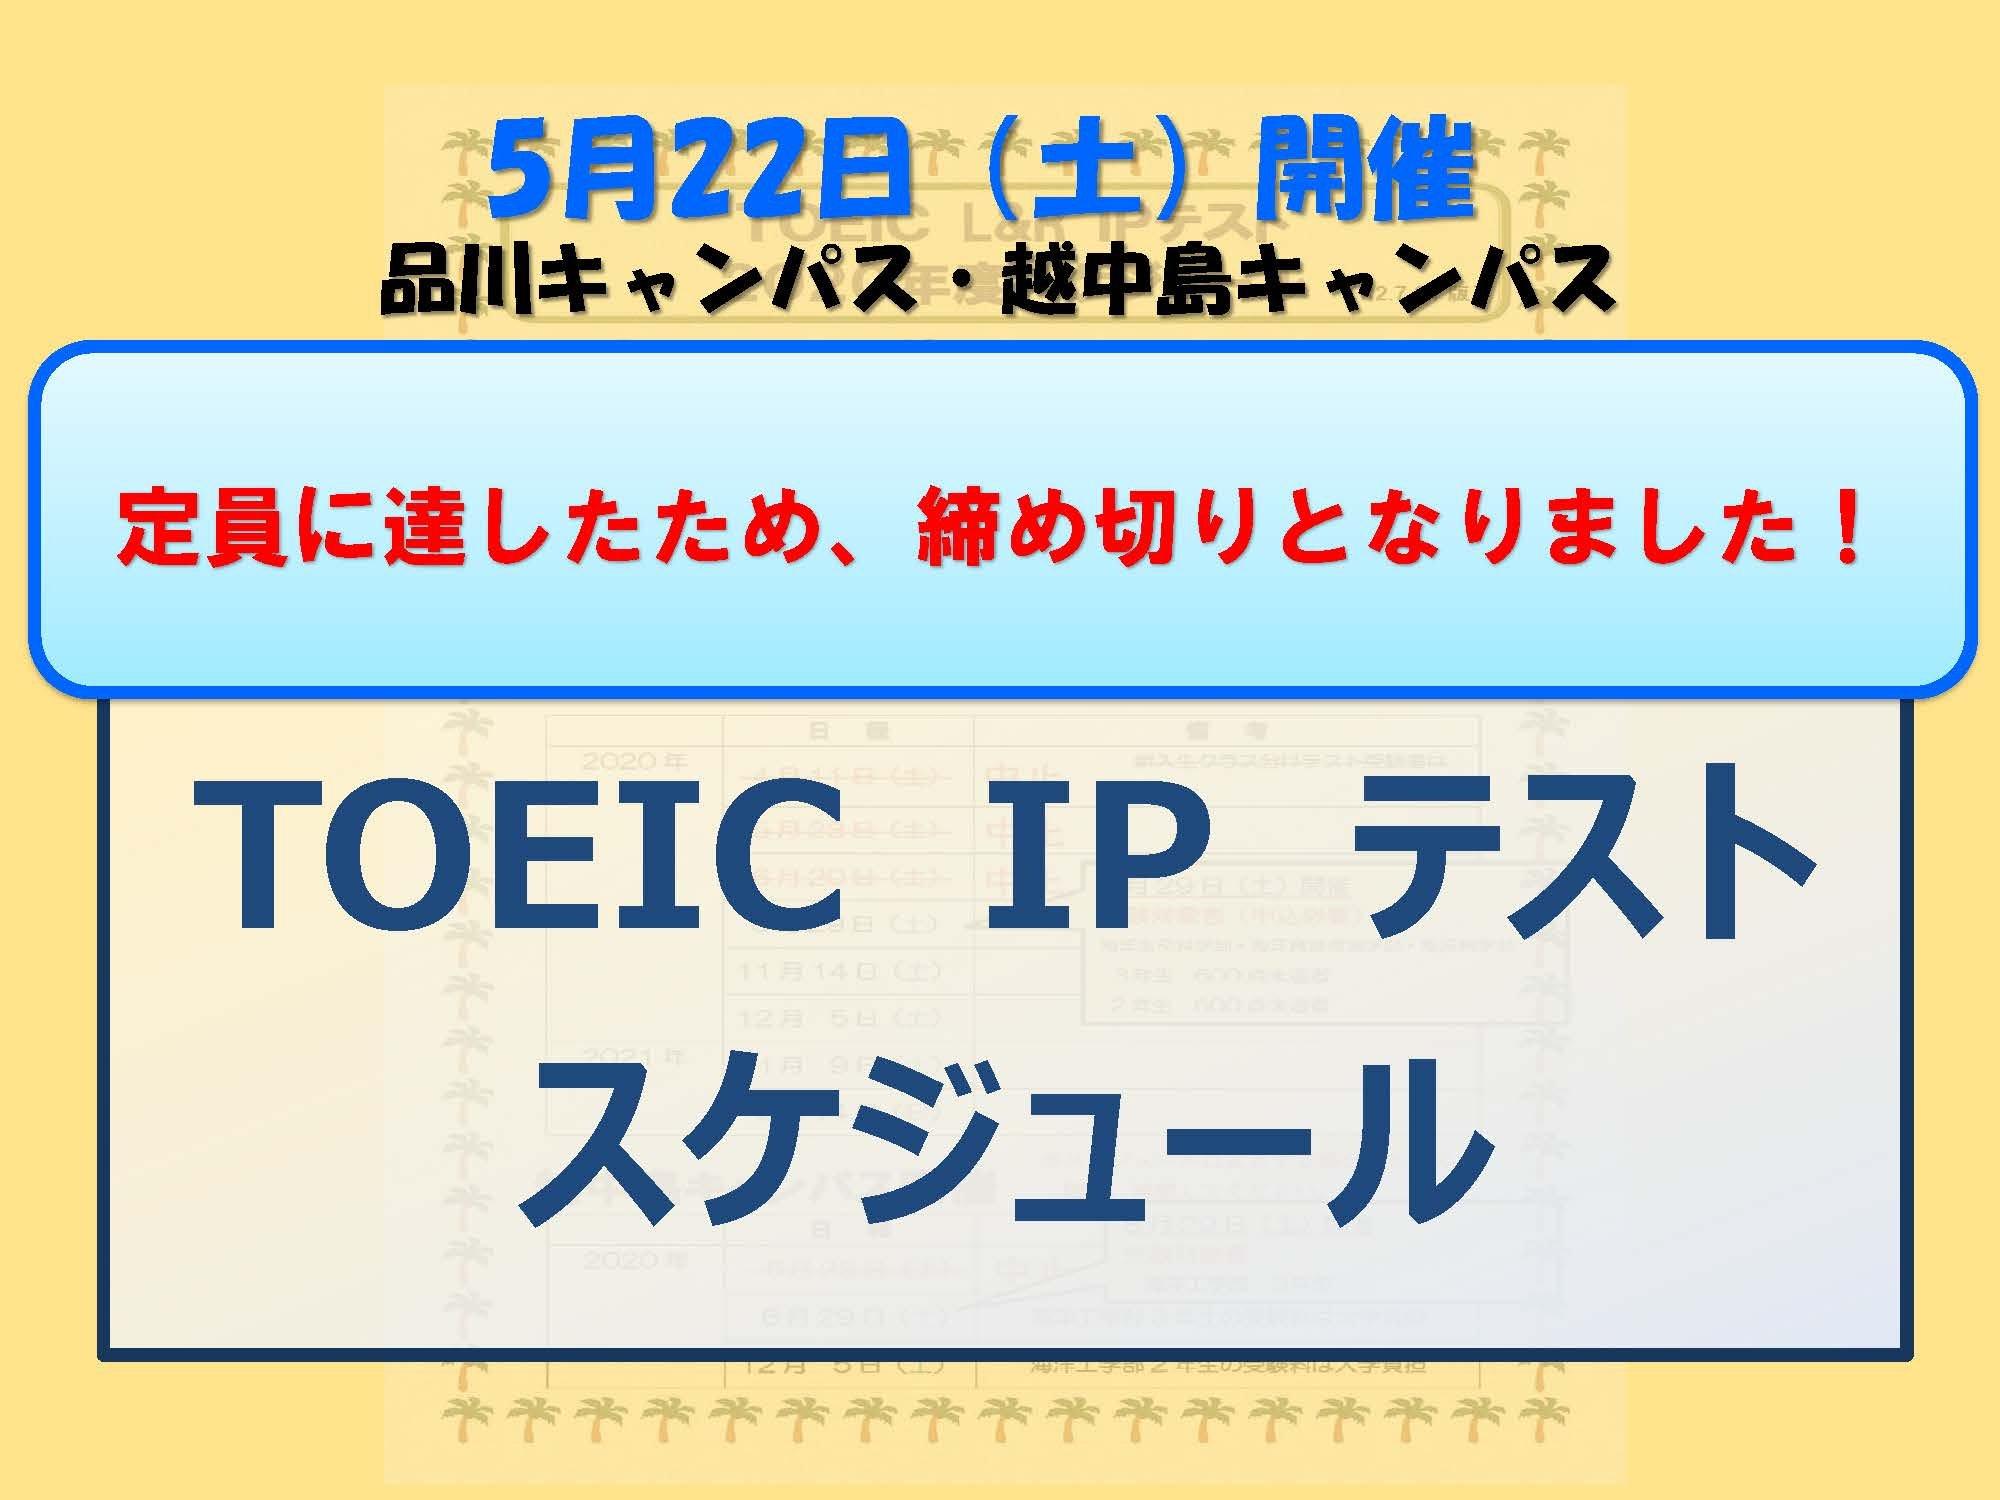 TOEIC IPテストスケジュール(5月22日(土)申込みを締め切りました)